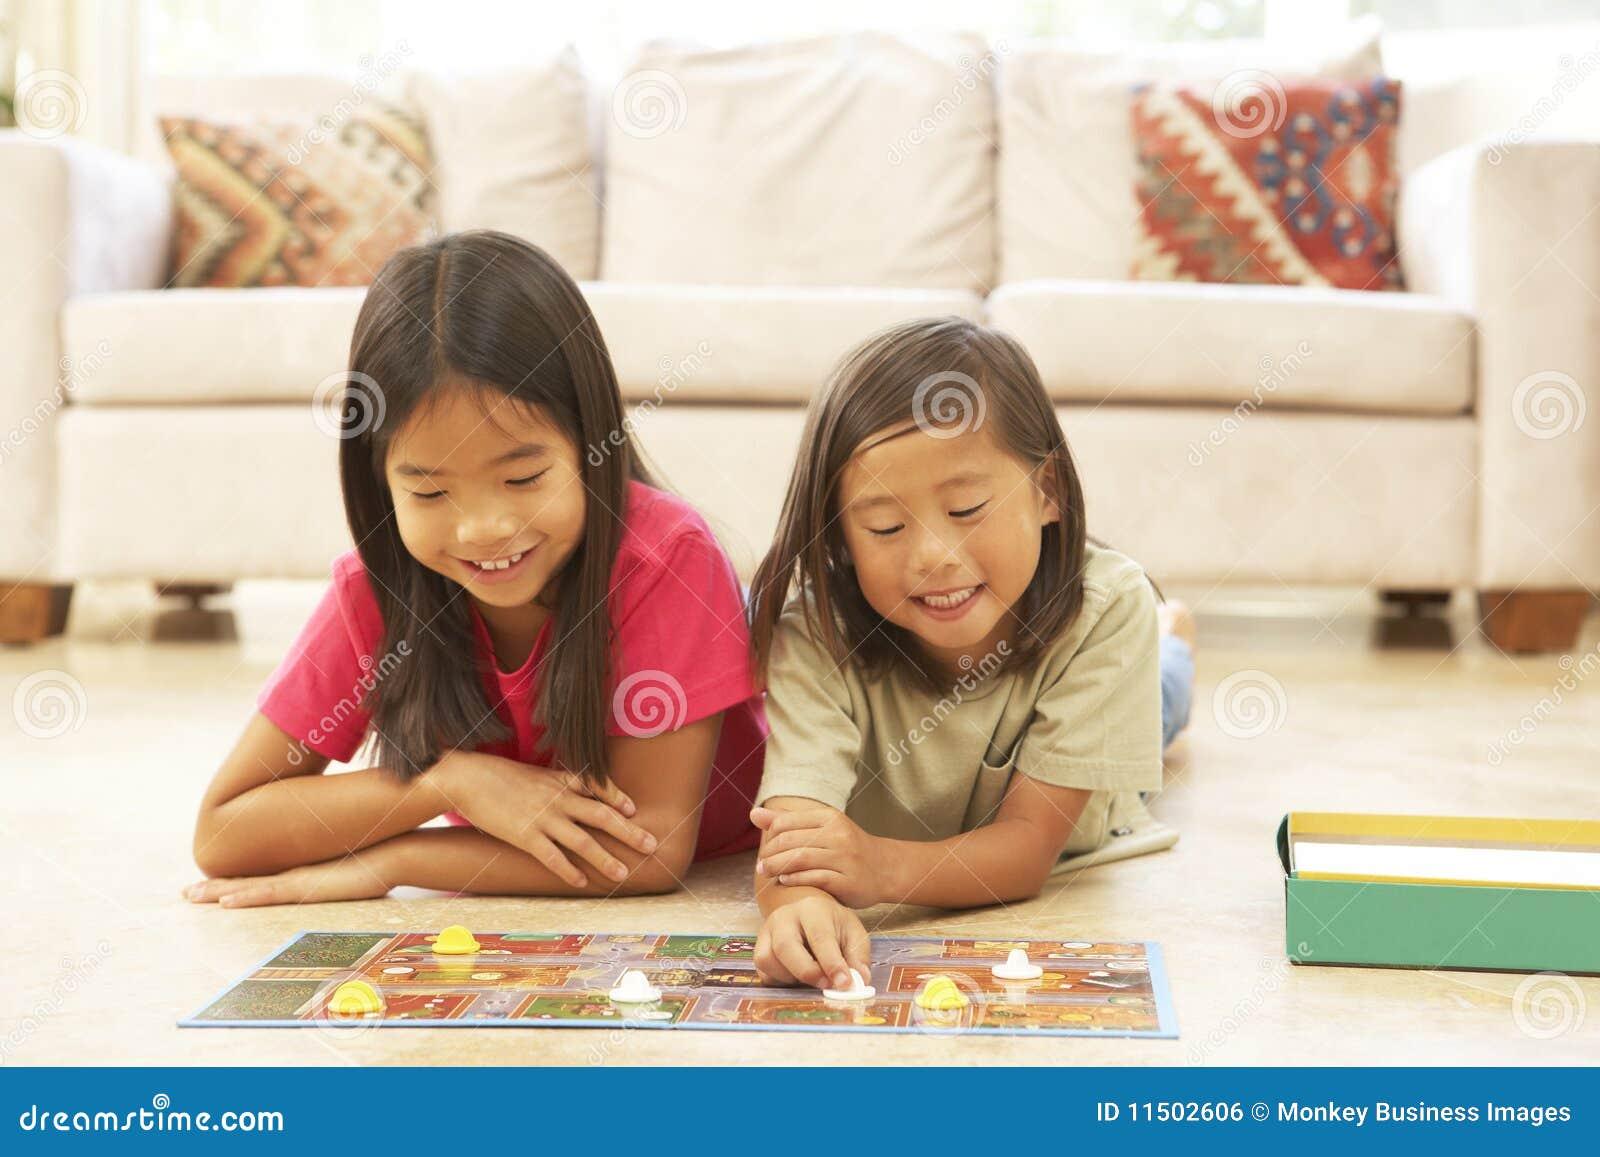 Zwei Kinder Die Zu Hause Brettspiel Spielen Stockfoto